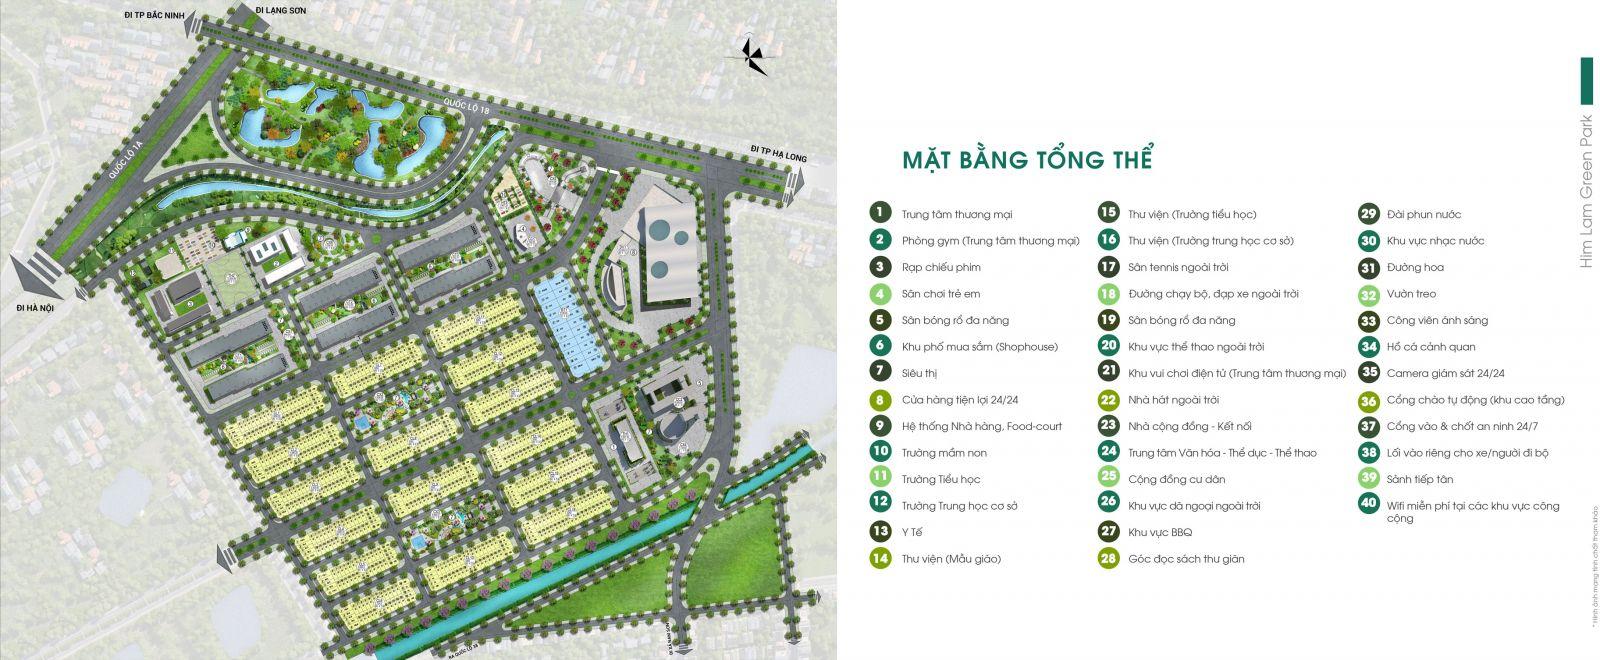 Quy hoạch tiện ích của Him Lam Green Park